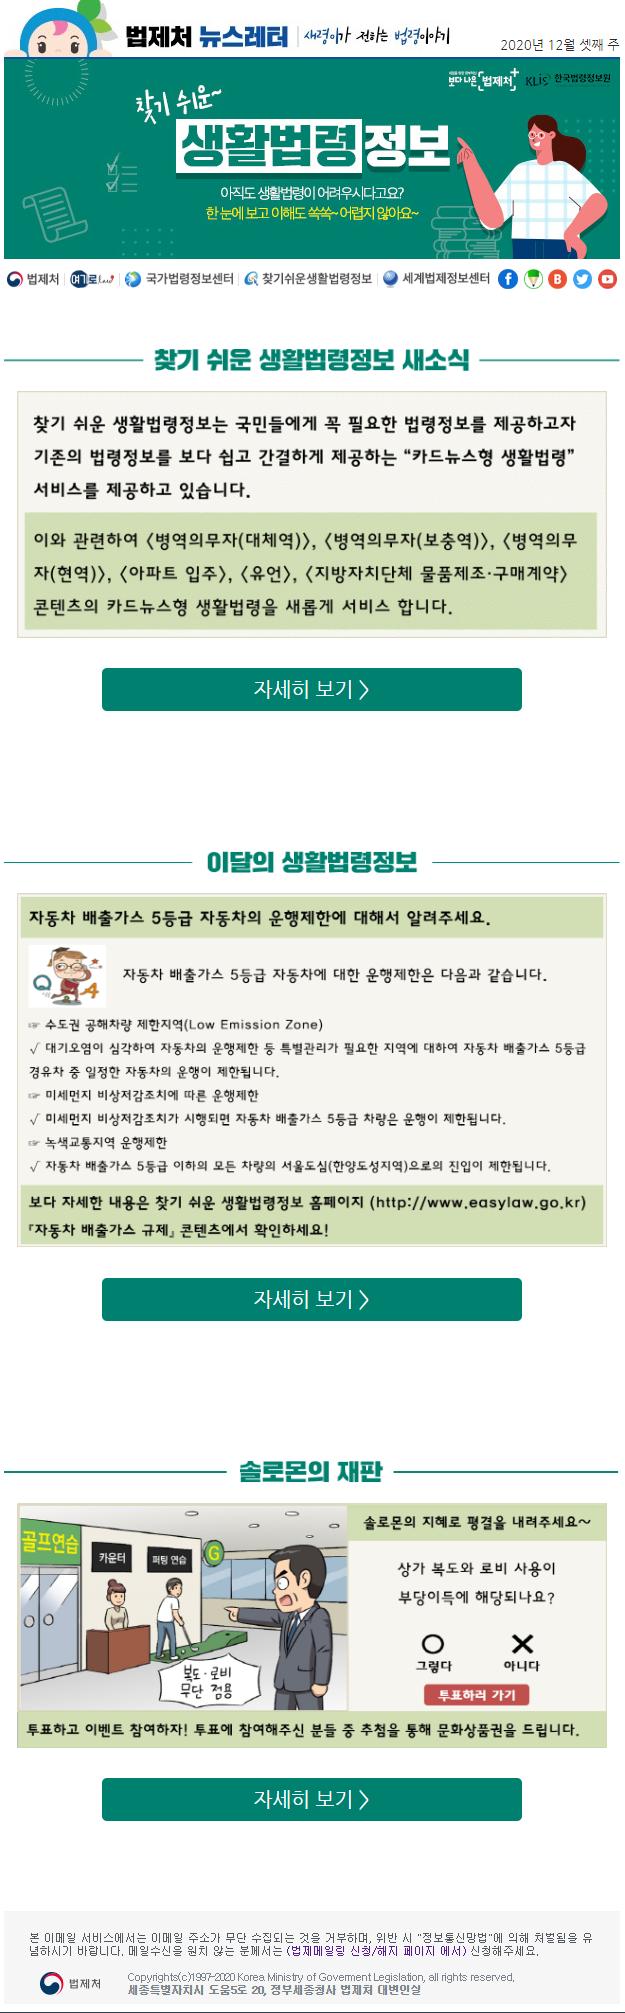 2020년 12월 찾기 쉬운 생활법령정보 뉴스레터